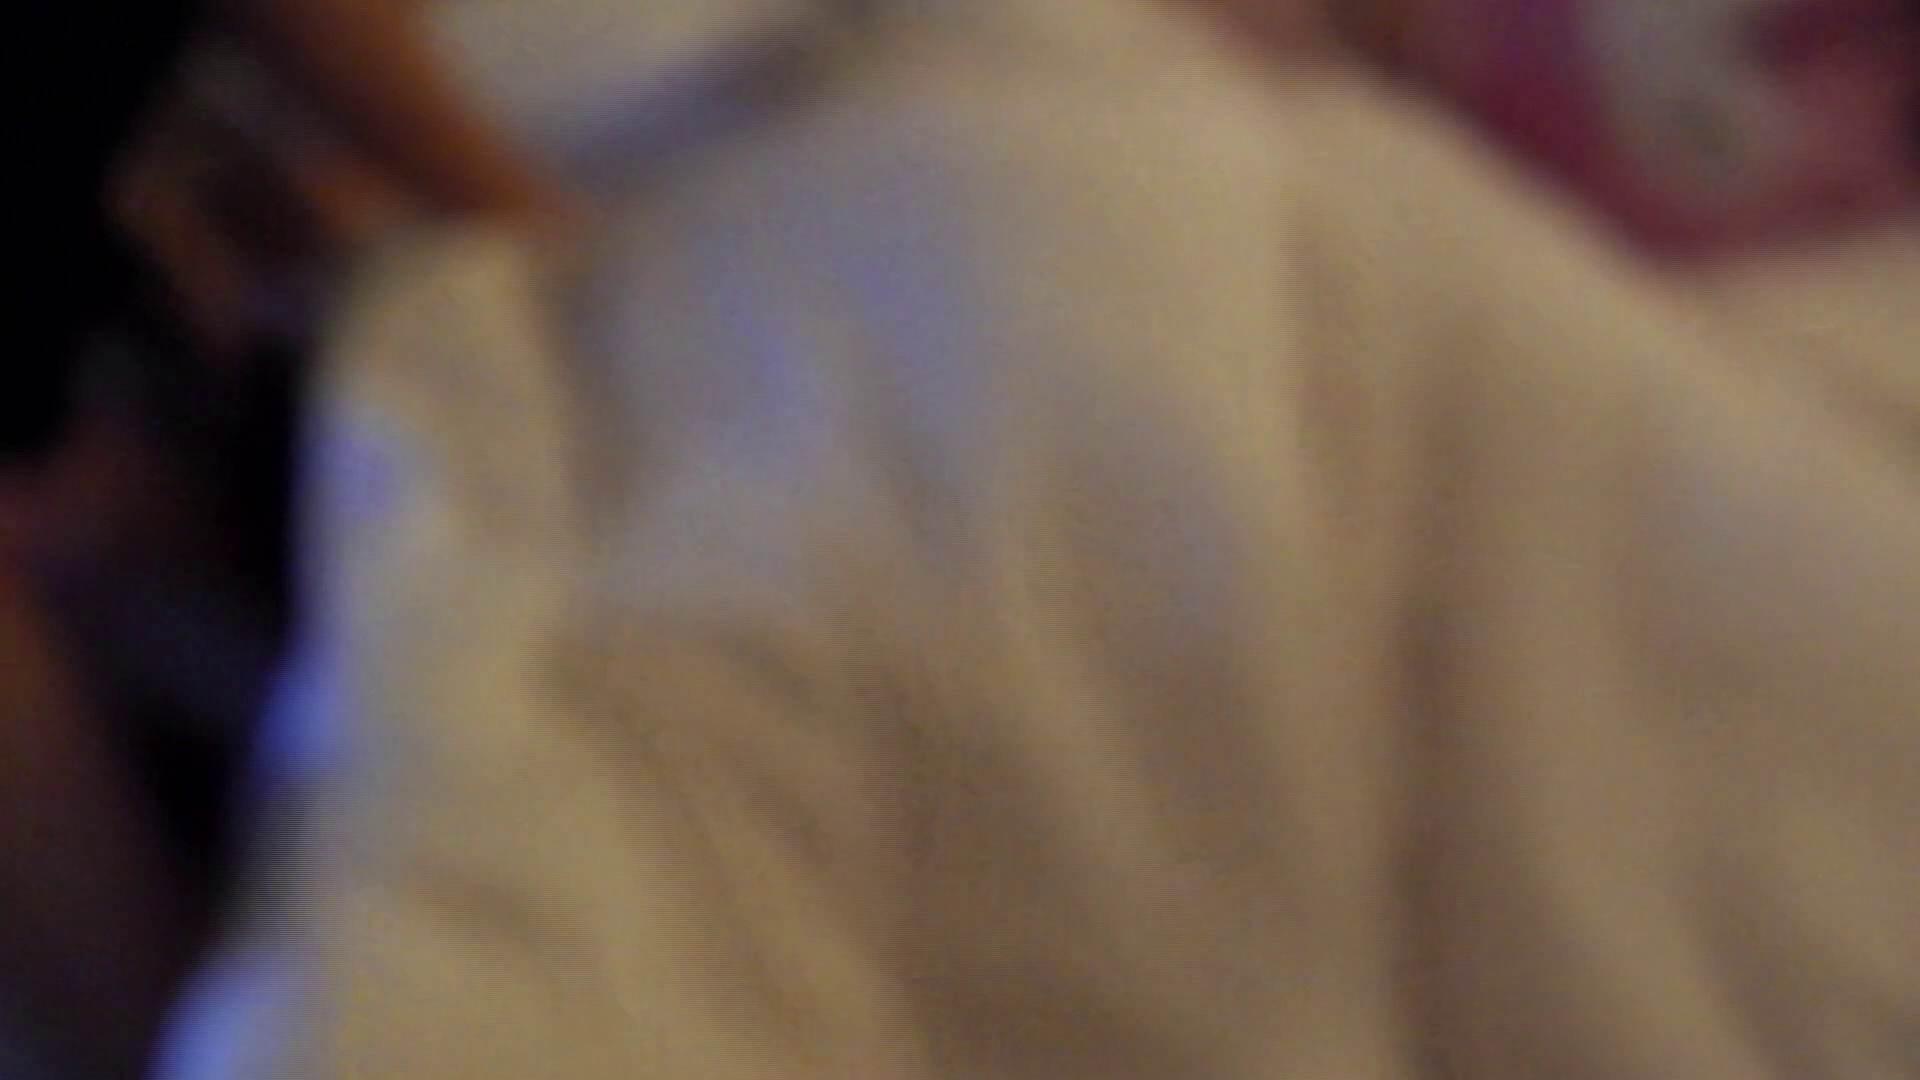 ヒトニアラヅNo.02 姿と全体の流れを公開 いじくり   高画質動画  20画像 9